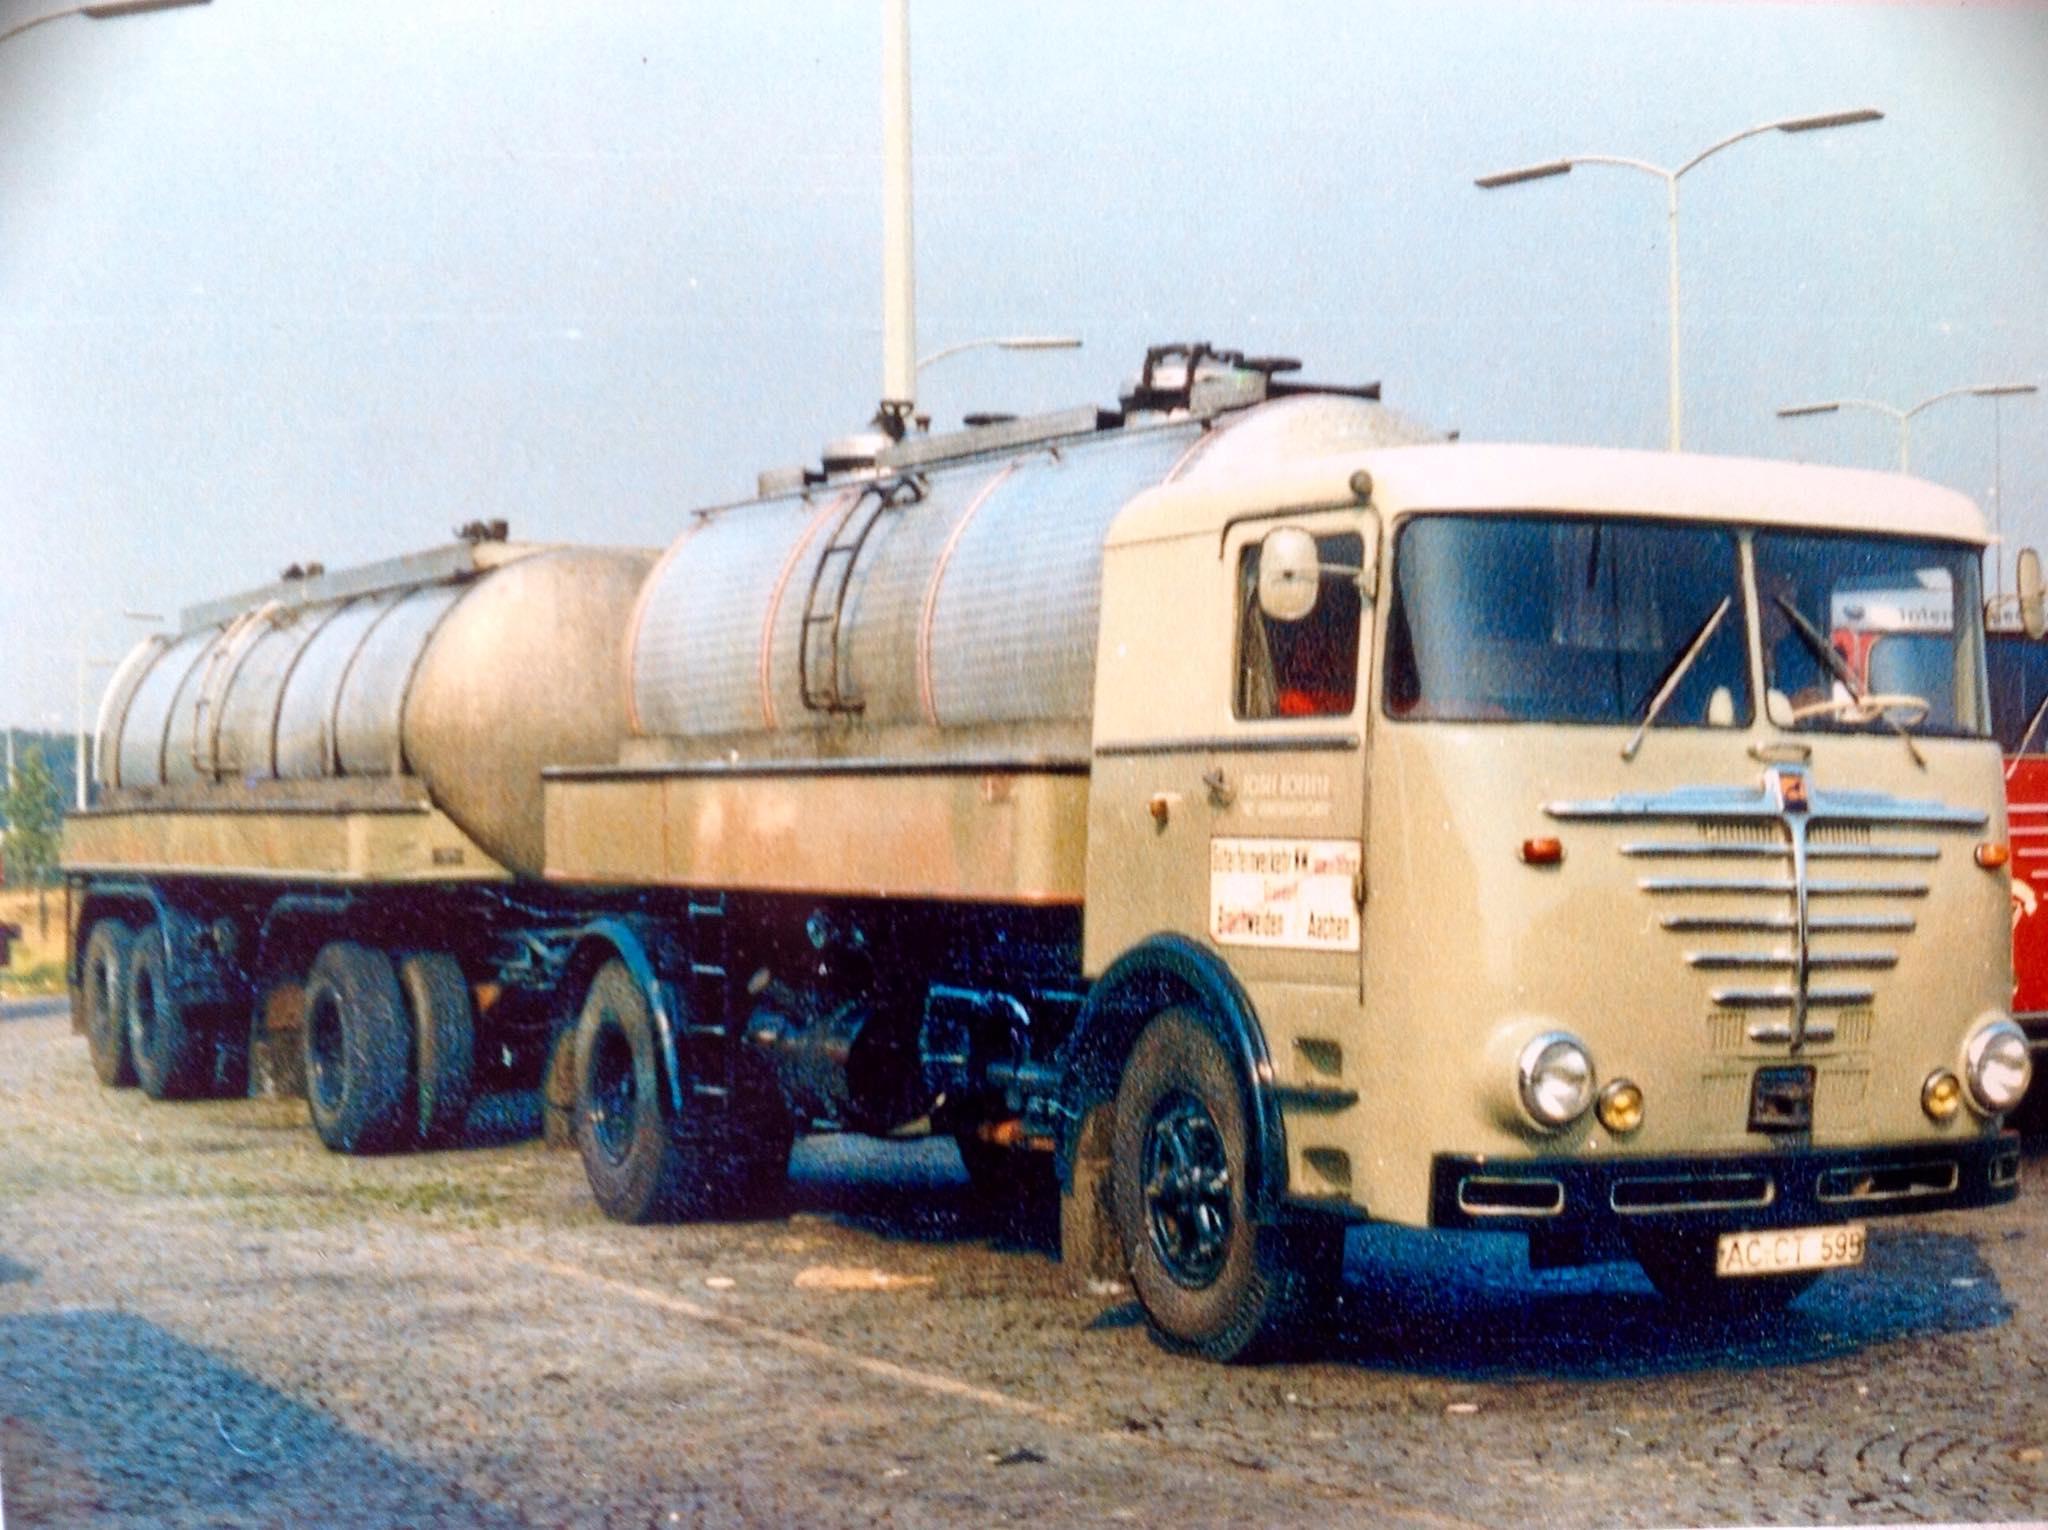 Bussing-BS-16-L-Dieter-L-Honneux-archief